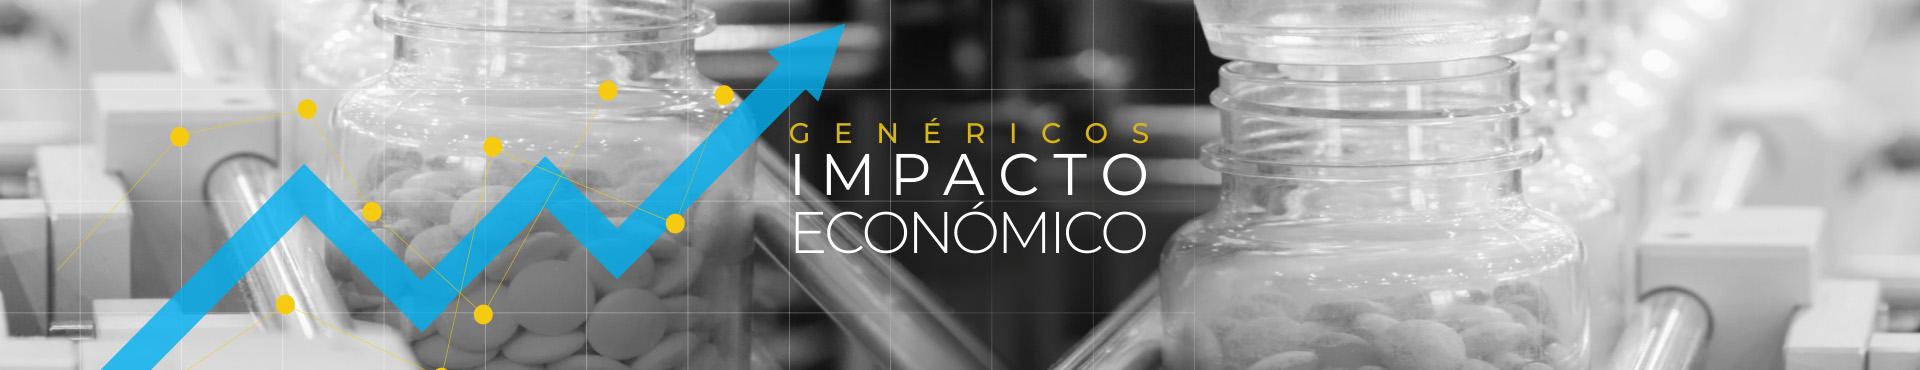 slide-engenerico32